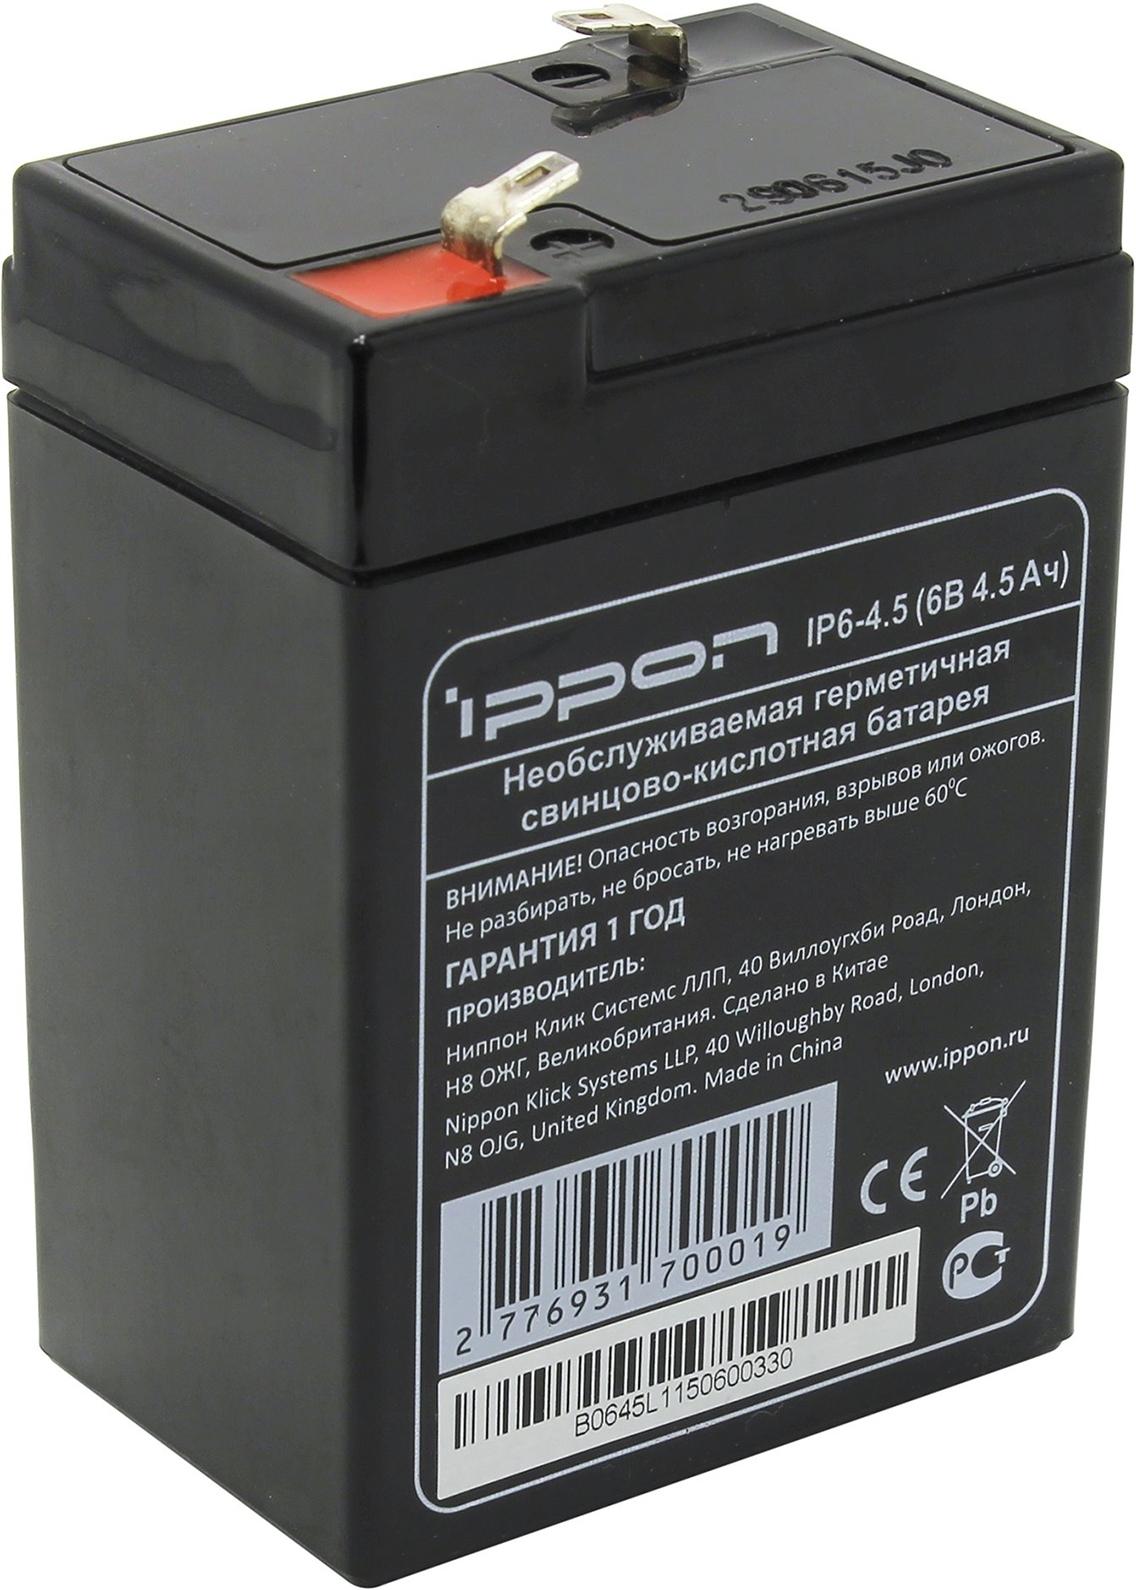 Батарея для ИБП Ippon IP6-4.5Ippon IP6-4.5Высокое качество и надежность – главные отличия аккумуляторных батарей IPPON. Они предназначены для обеспечения резервным питанием систем охраны и безопасности, телекоммуникационного оборудования, промышленных объектов широкого назначения, работы в источниках бесперебойного питания.